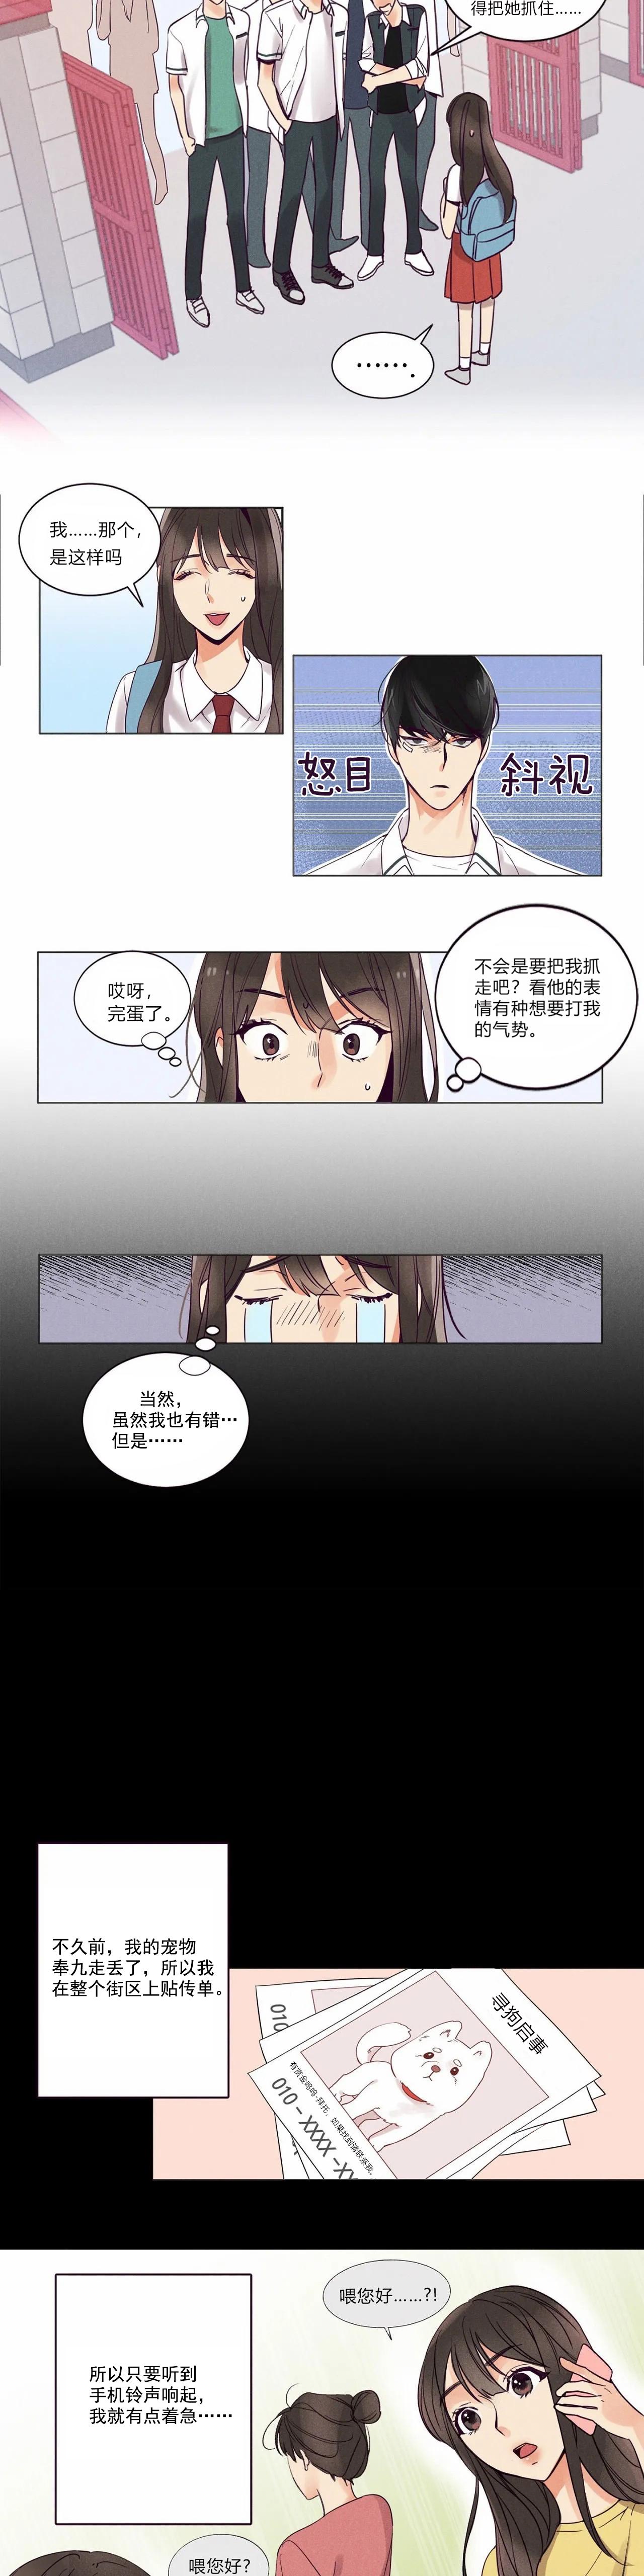 爱恋-漫画韩国最新连载首发_全集在线阅读-啵乐漫画